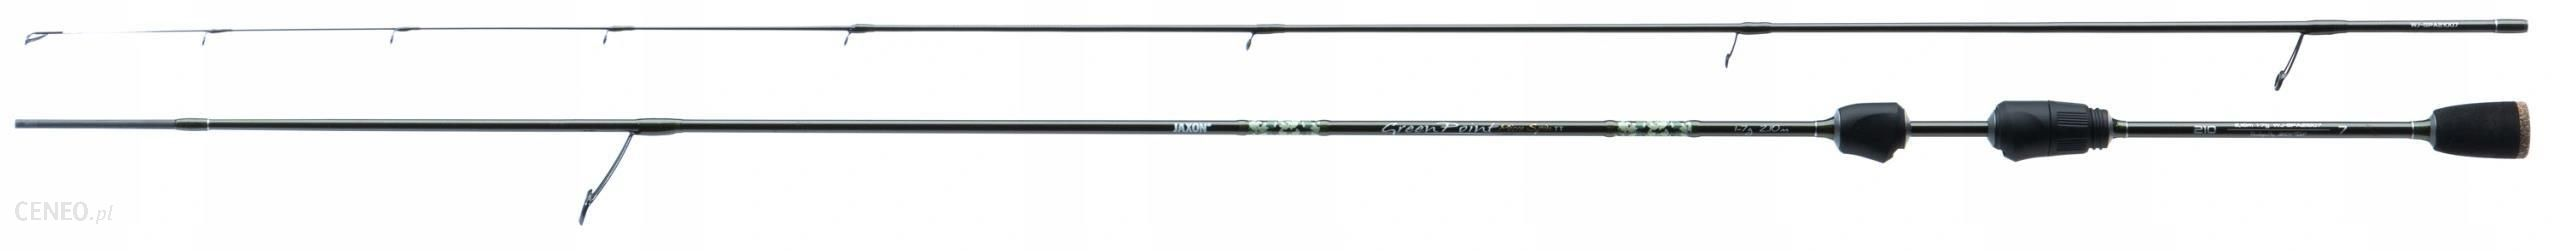 Jaxon WĘDKA GREEN POINT MICRO SPIN ST 2